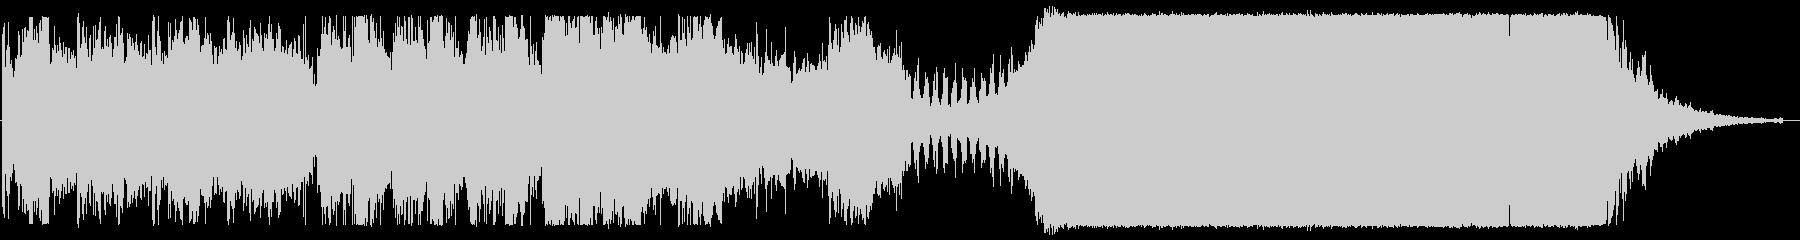 映画音楽的なBGMの未再生の波形